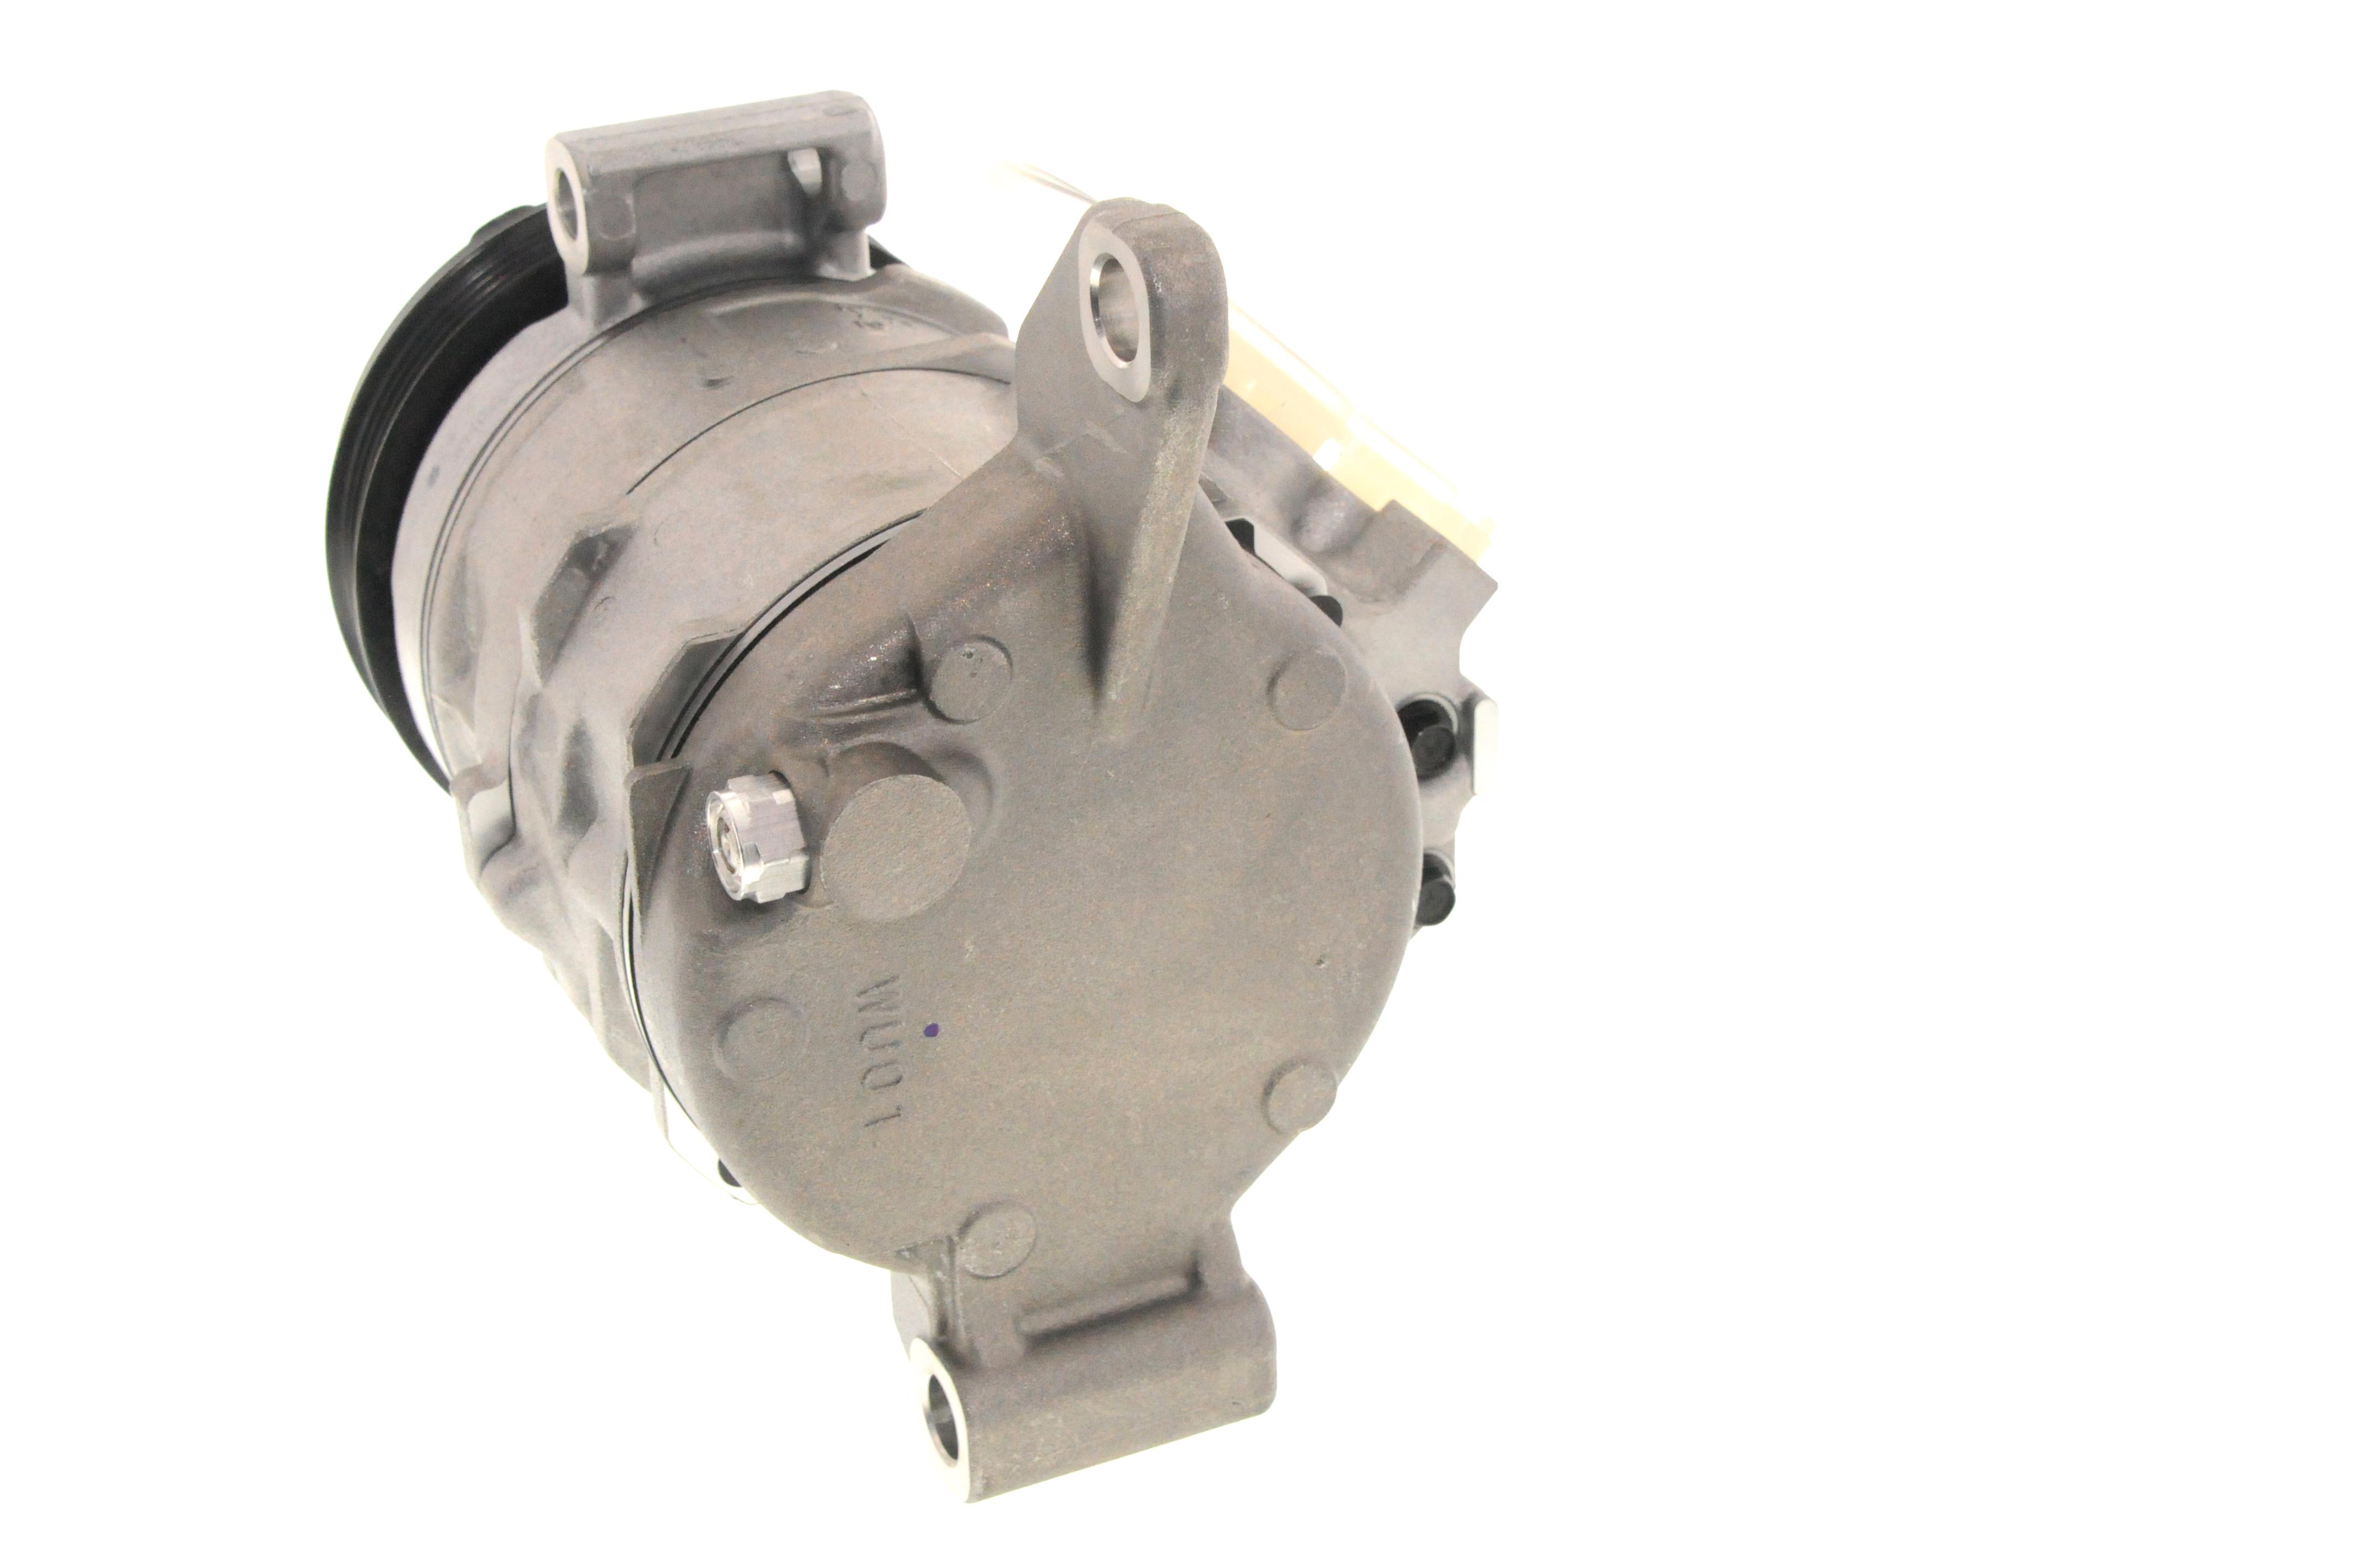 ACDELCO GM ORIGINAL EQUIPMENT - A/C Compressor and Clutch - DCB 15-22146